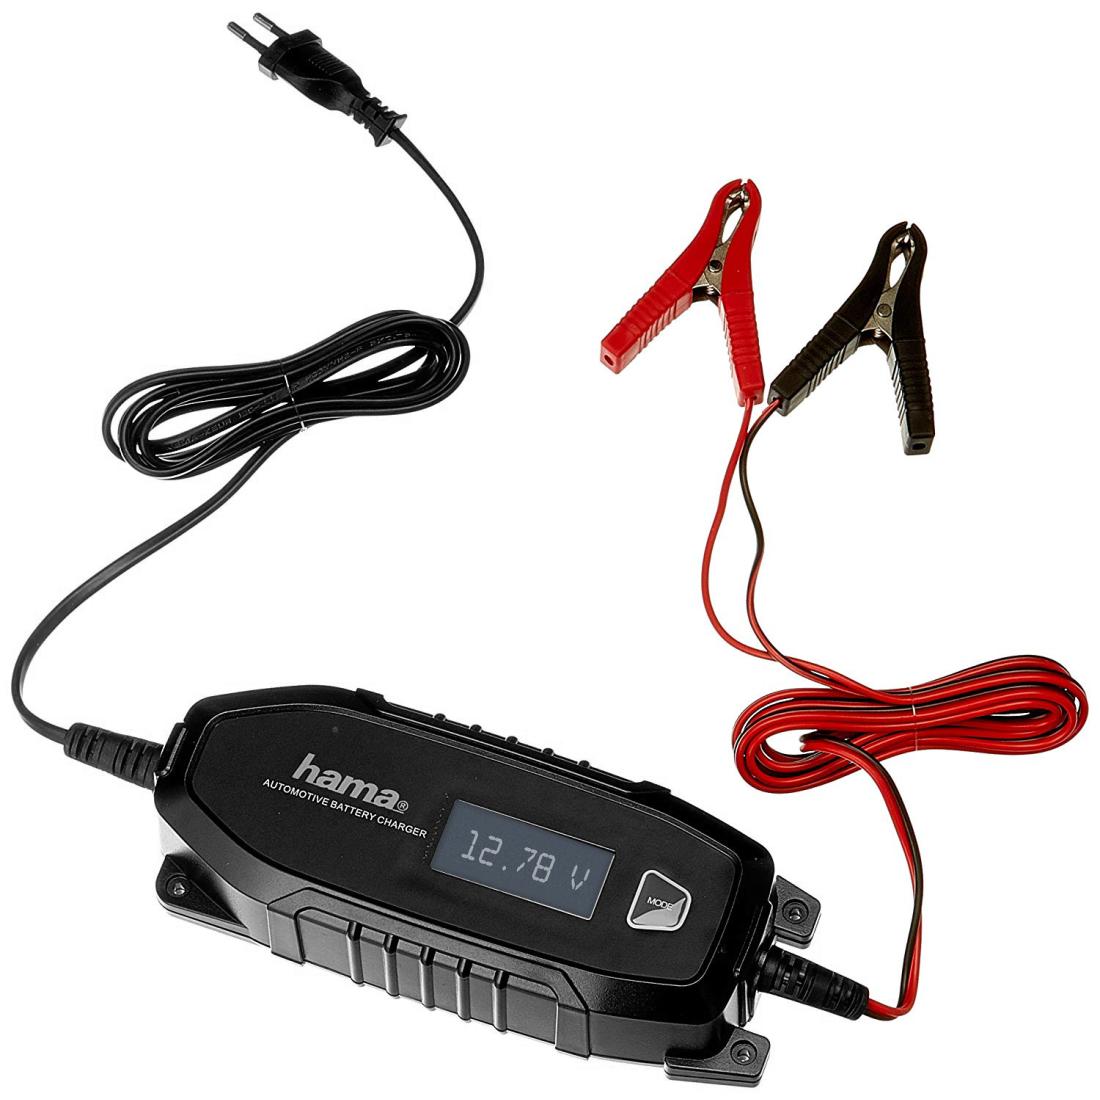 00136686 Hama Automatik Batterie Ladegerät 6V12V4A, für